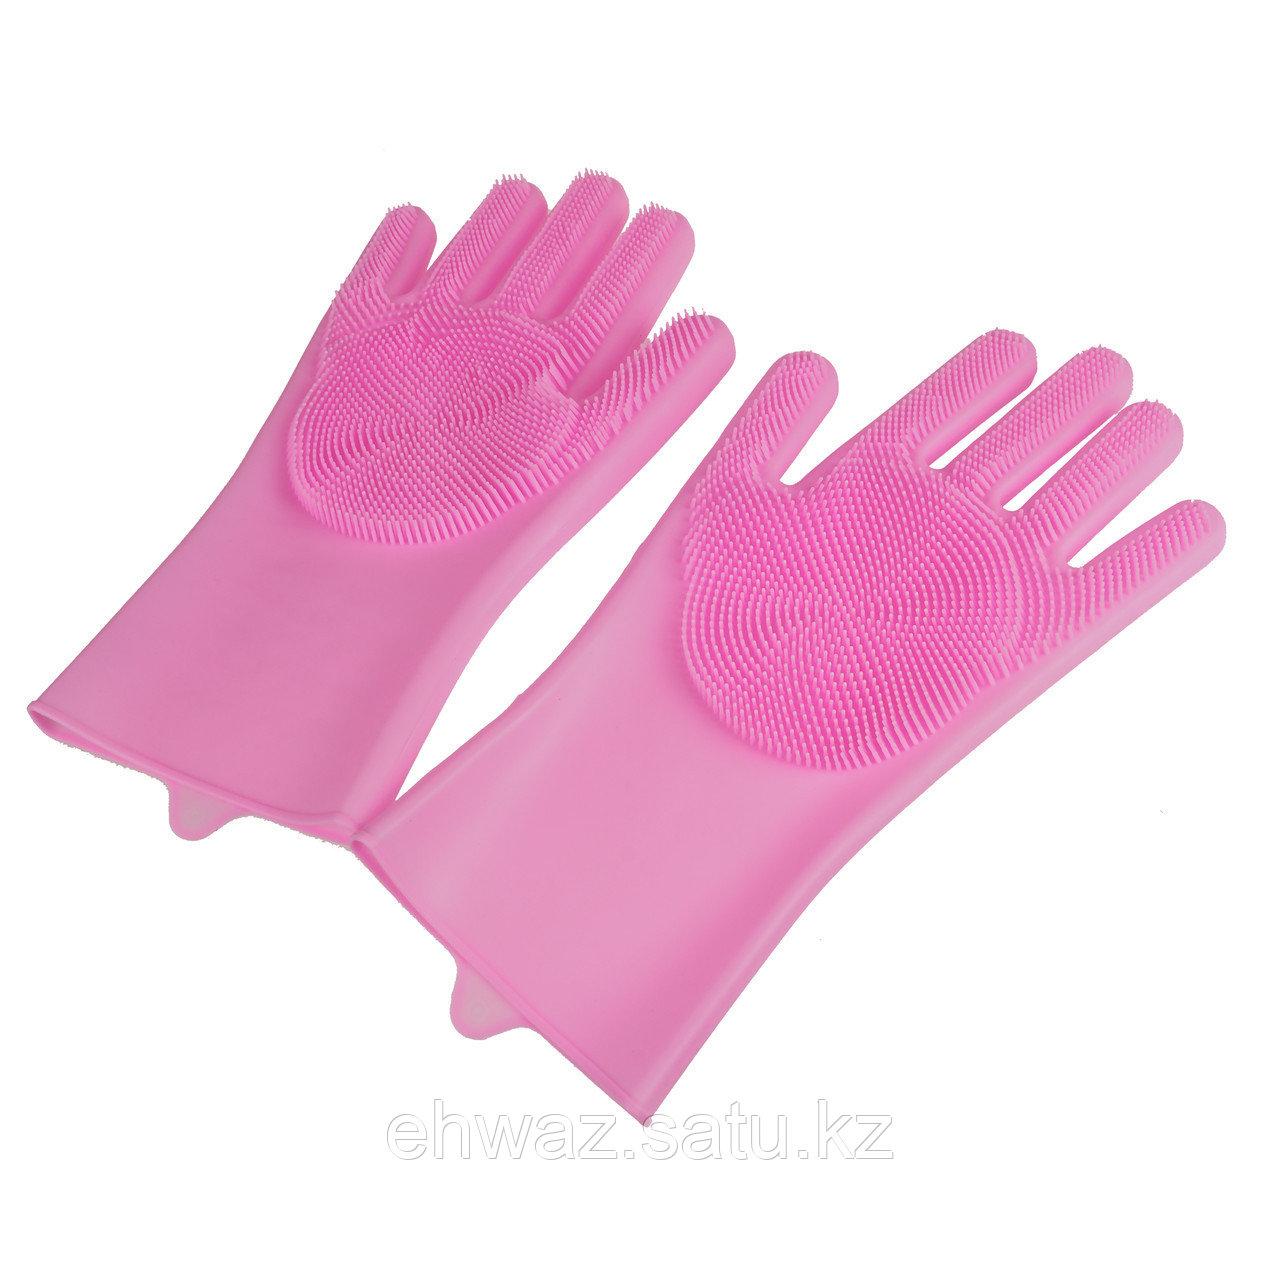 Волшебные силиконовые перчатки для мытья посуды